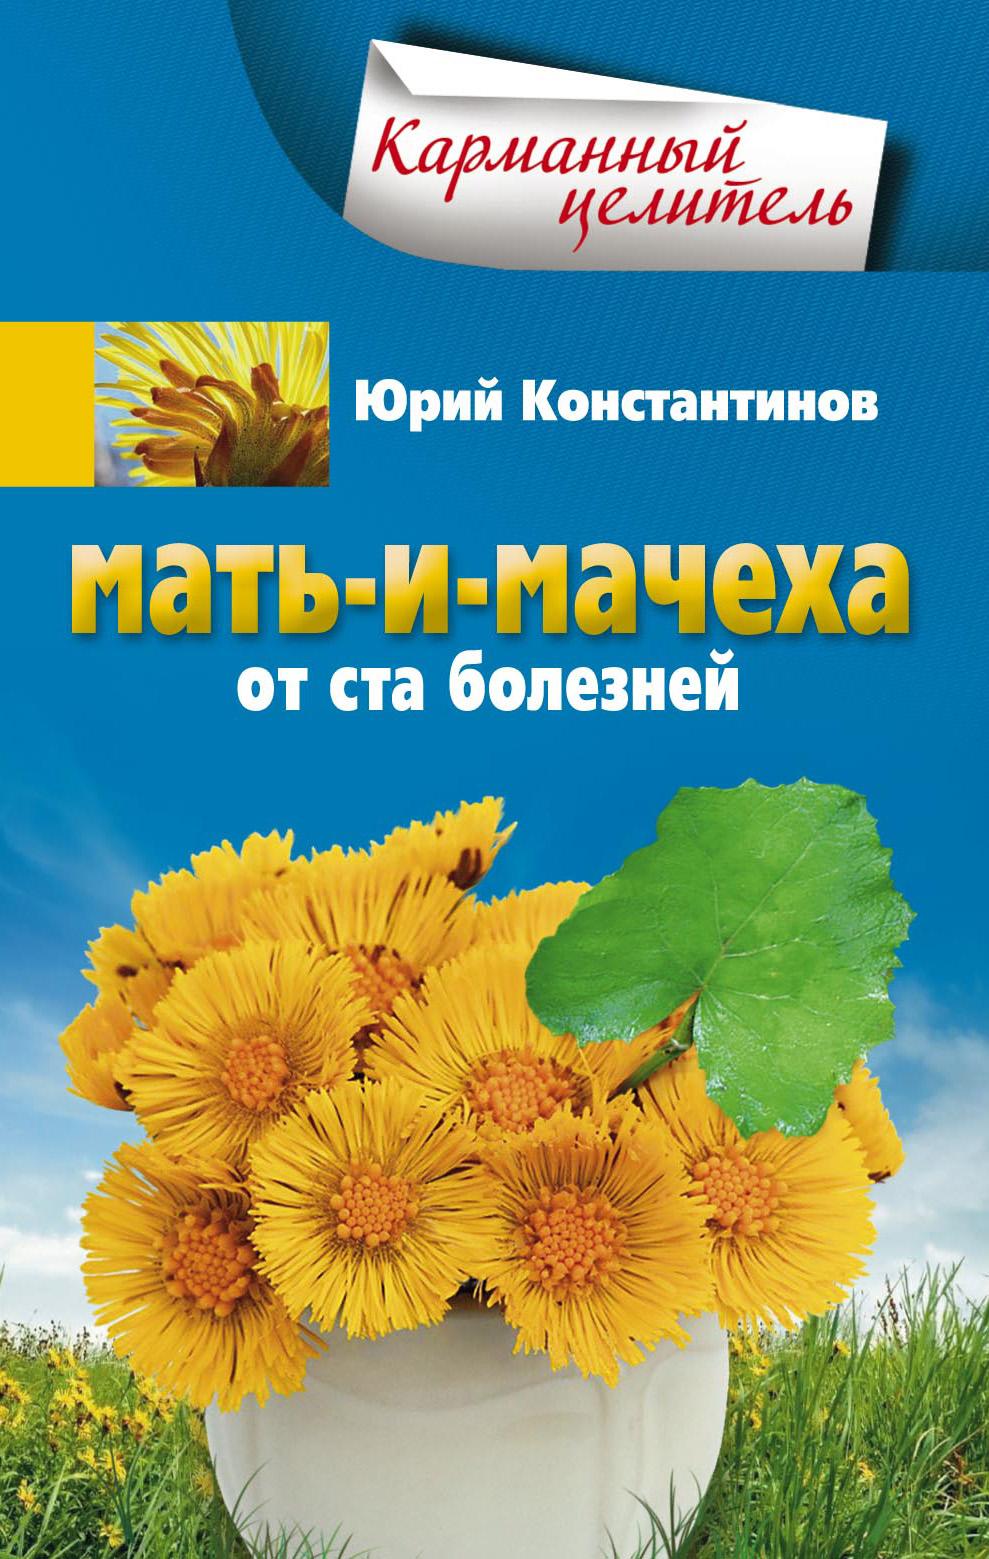 Юрий Константинов Мать-и-мачеха от ста болезней новичихина л и домашние средства при кашле гриппе ангине бронхите цистите конъюнктивите простатите…